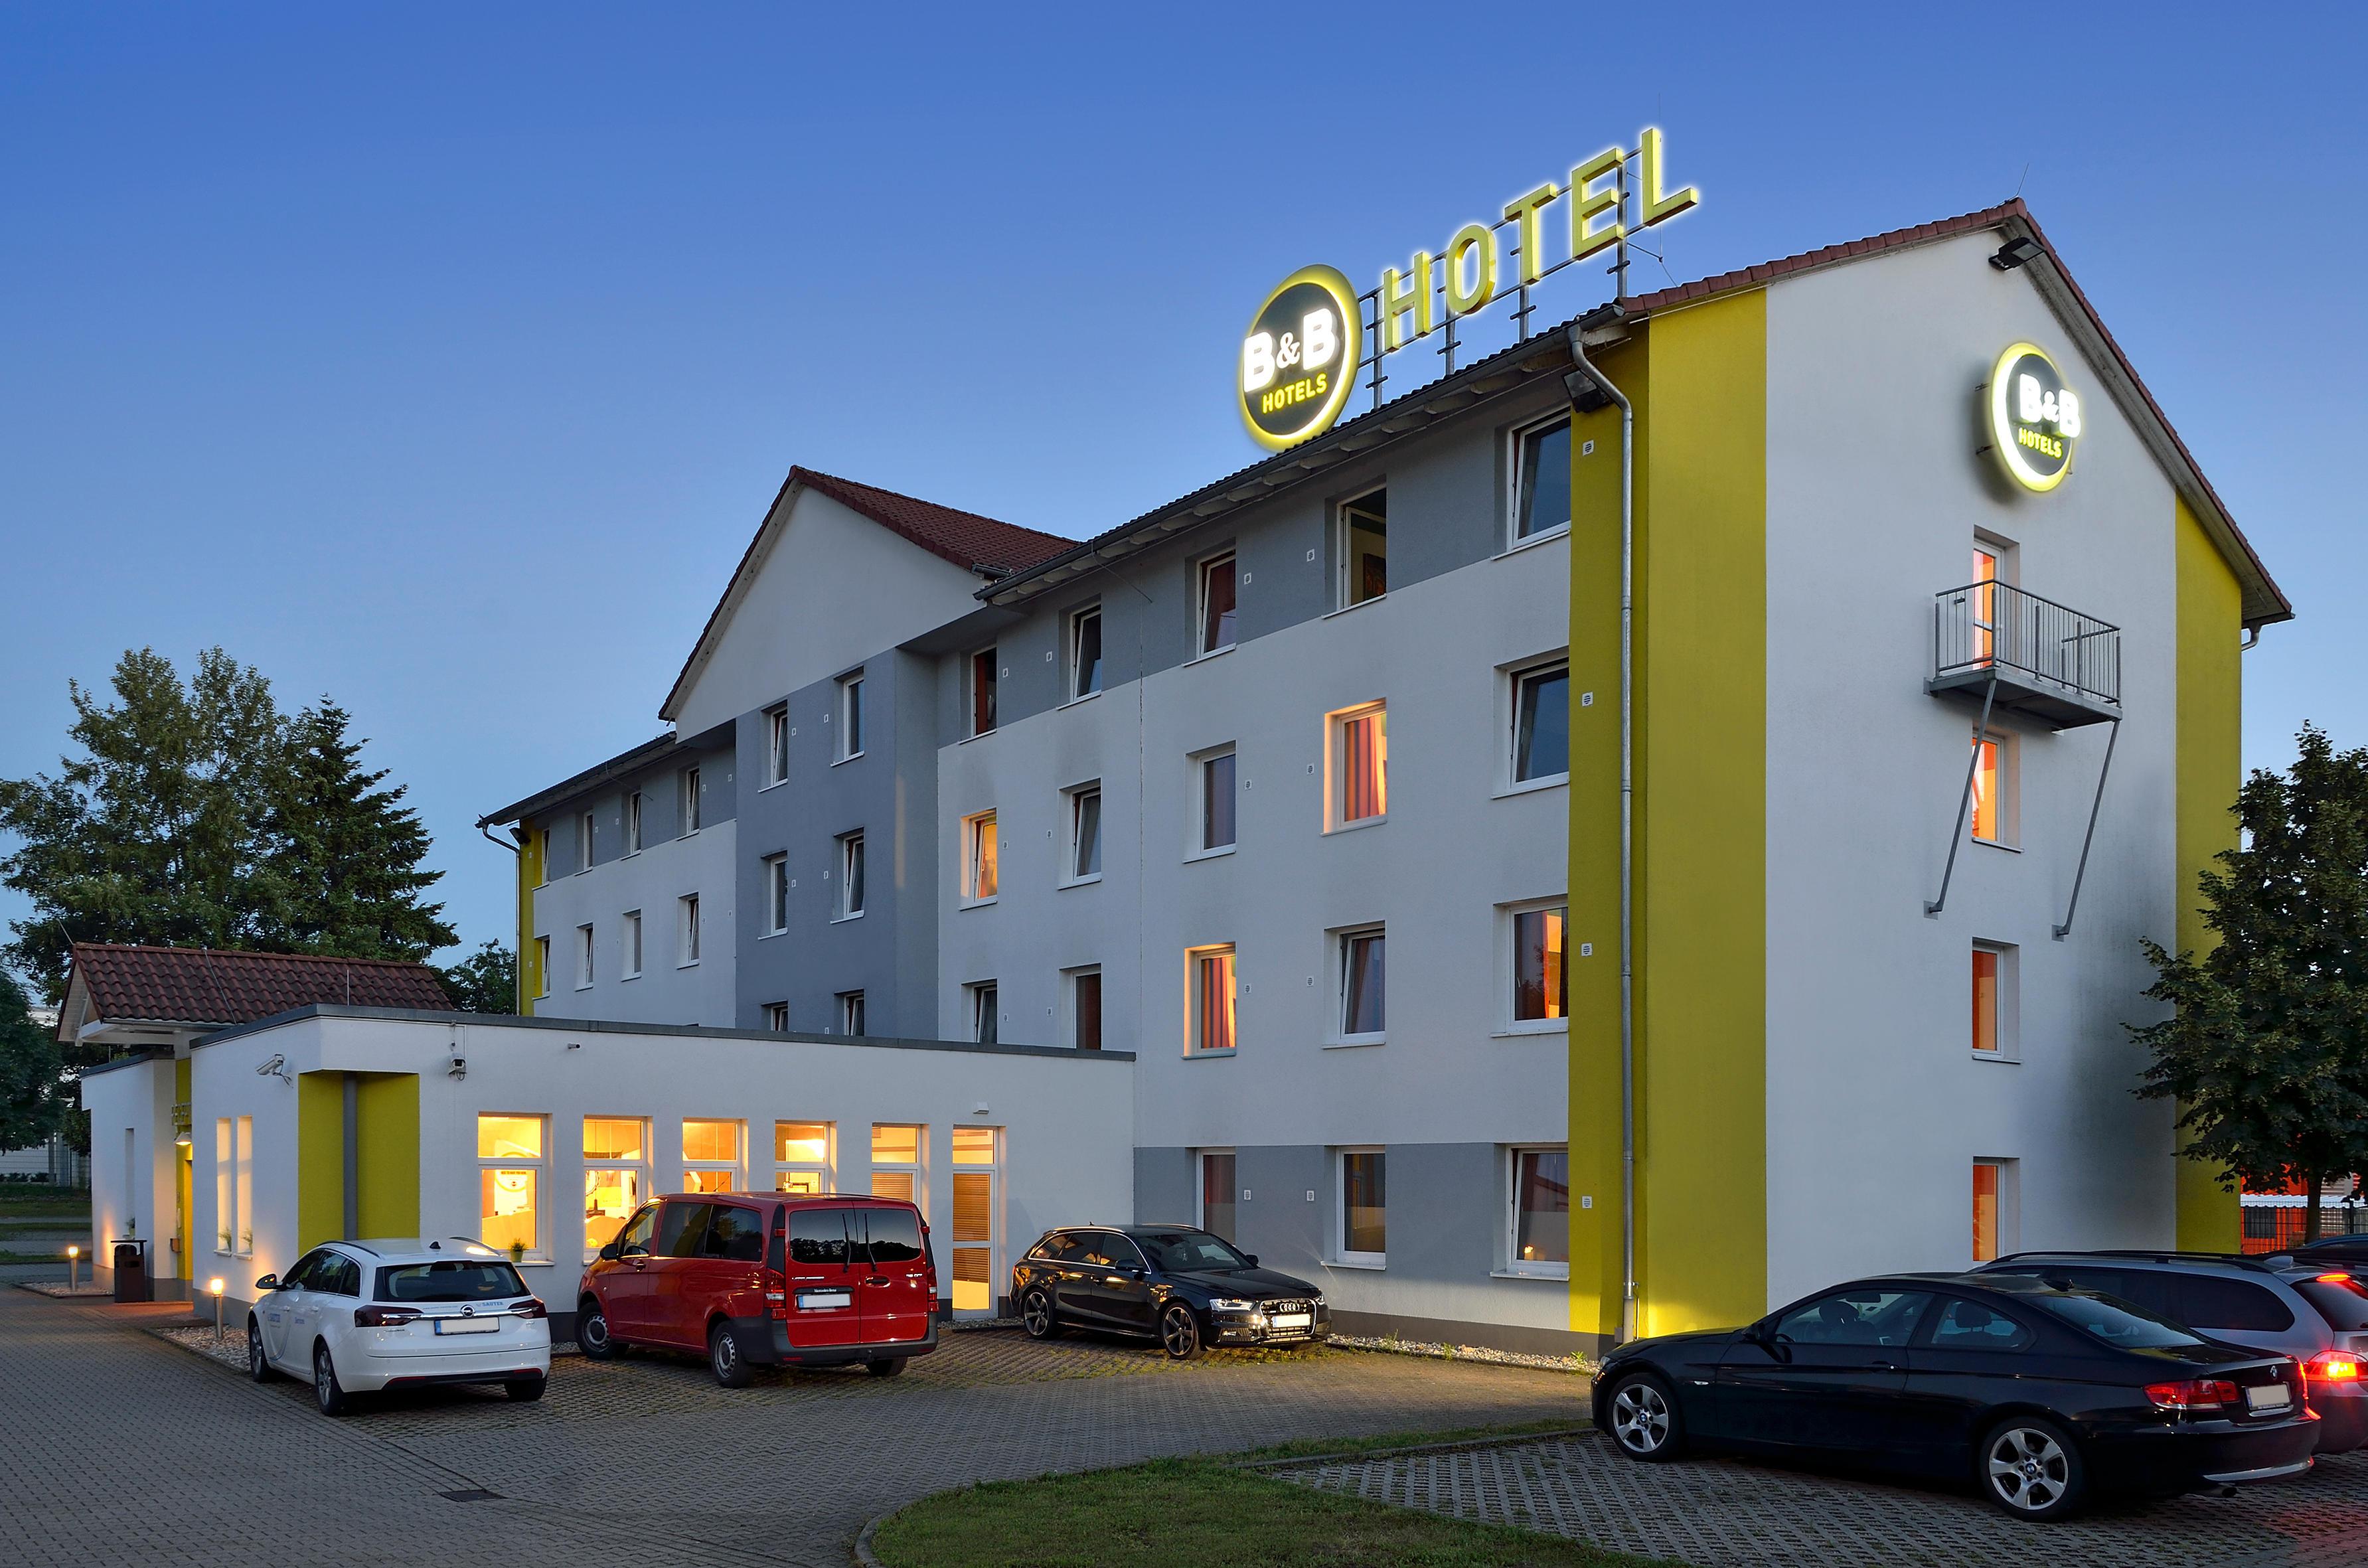 B&B Hotel Freiburg-Nord, Tullastraße 87c in Freiburg